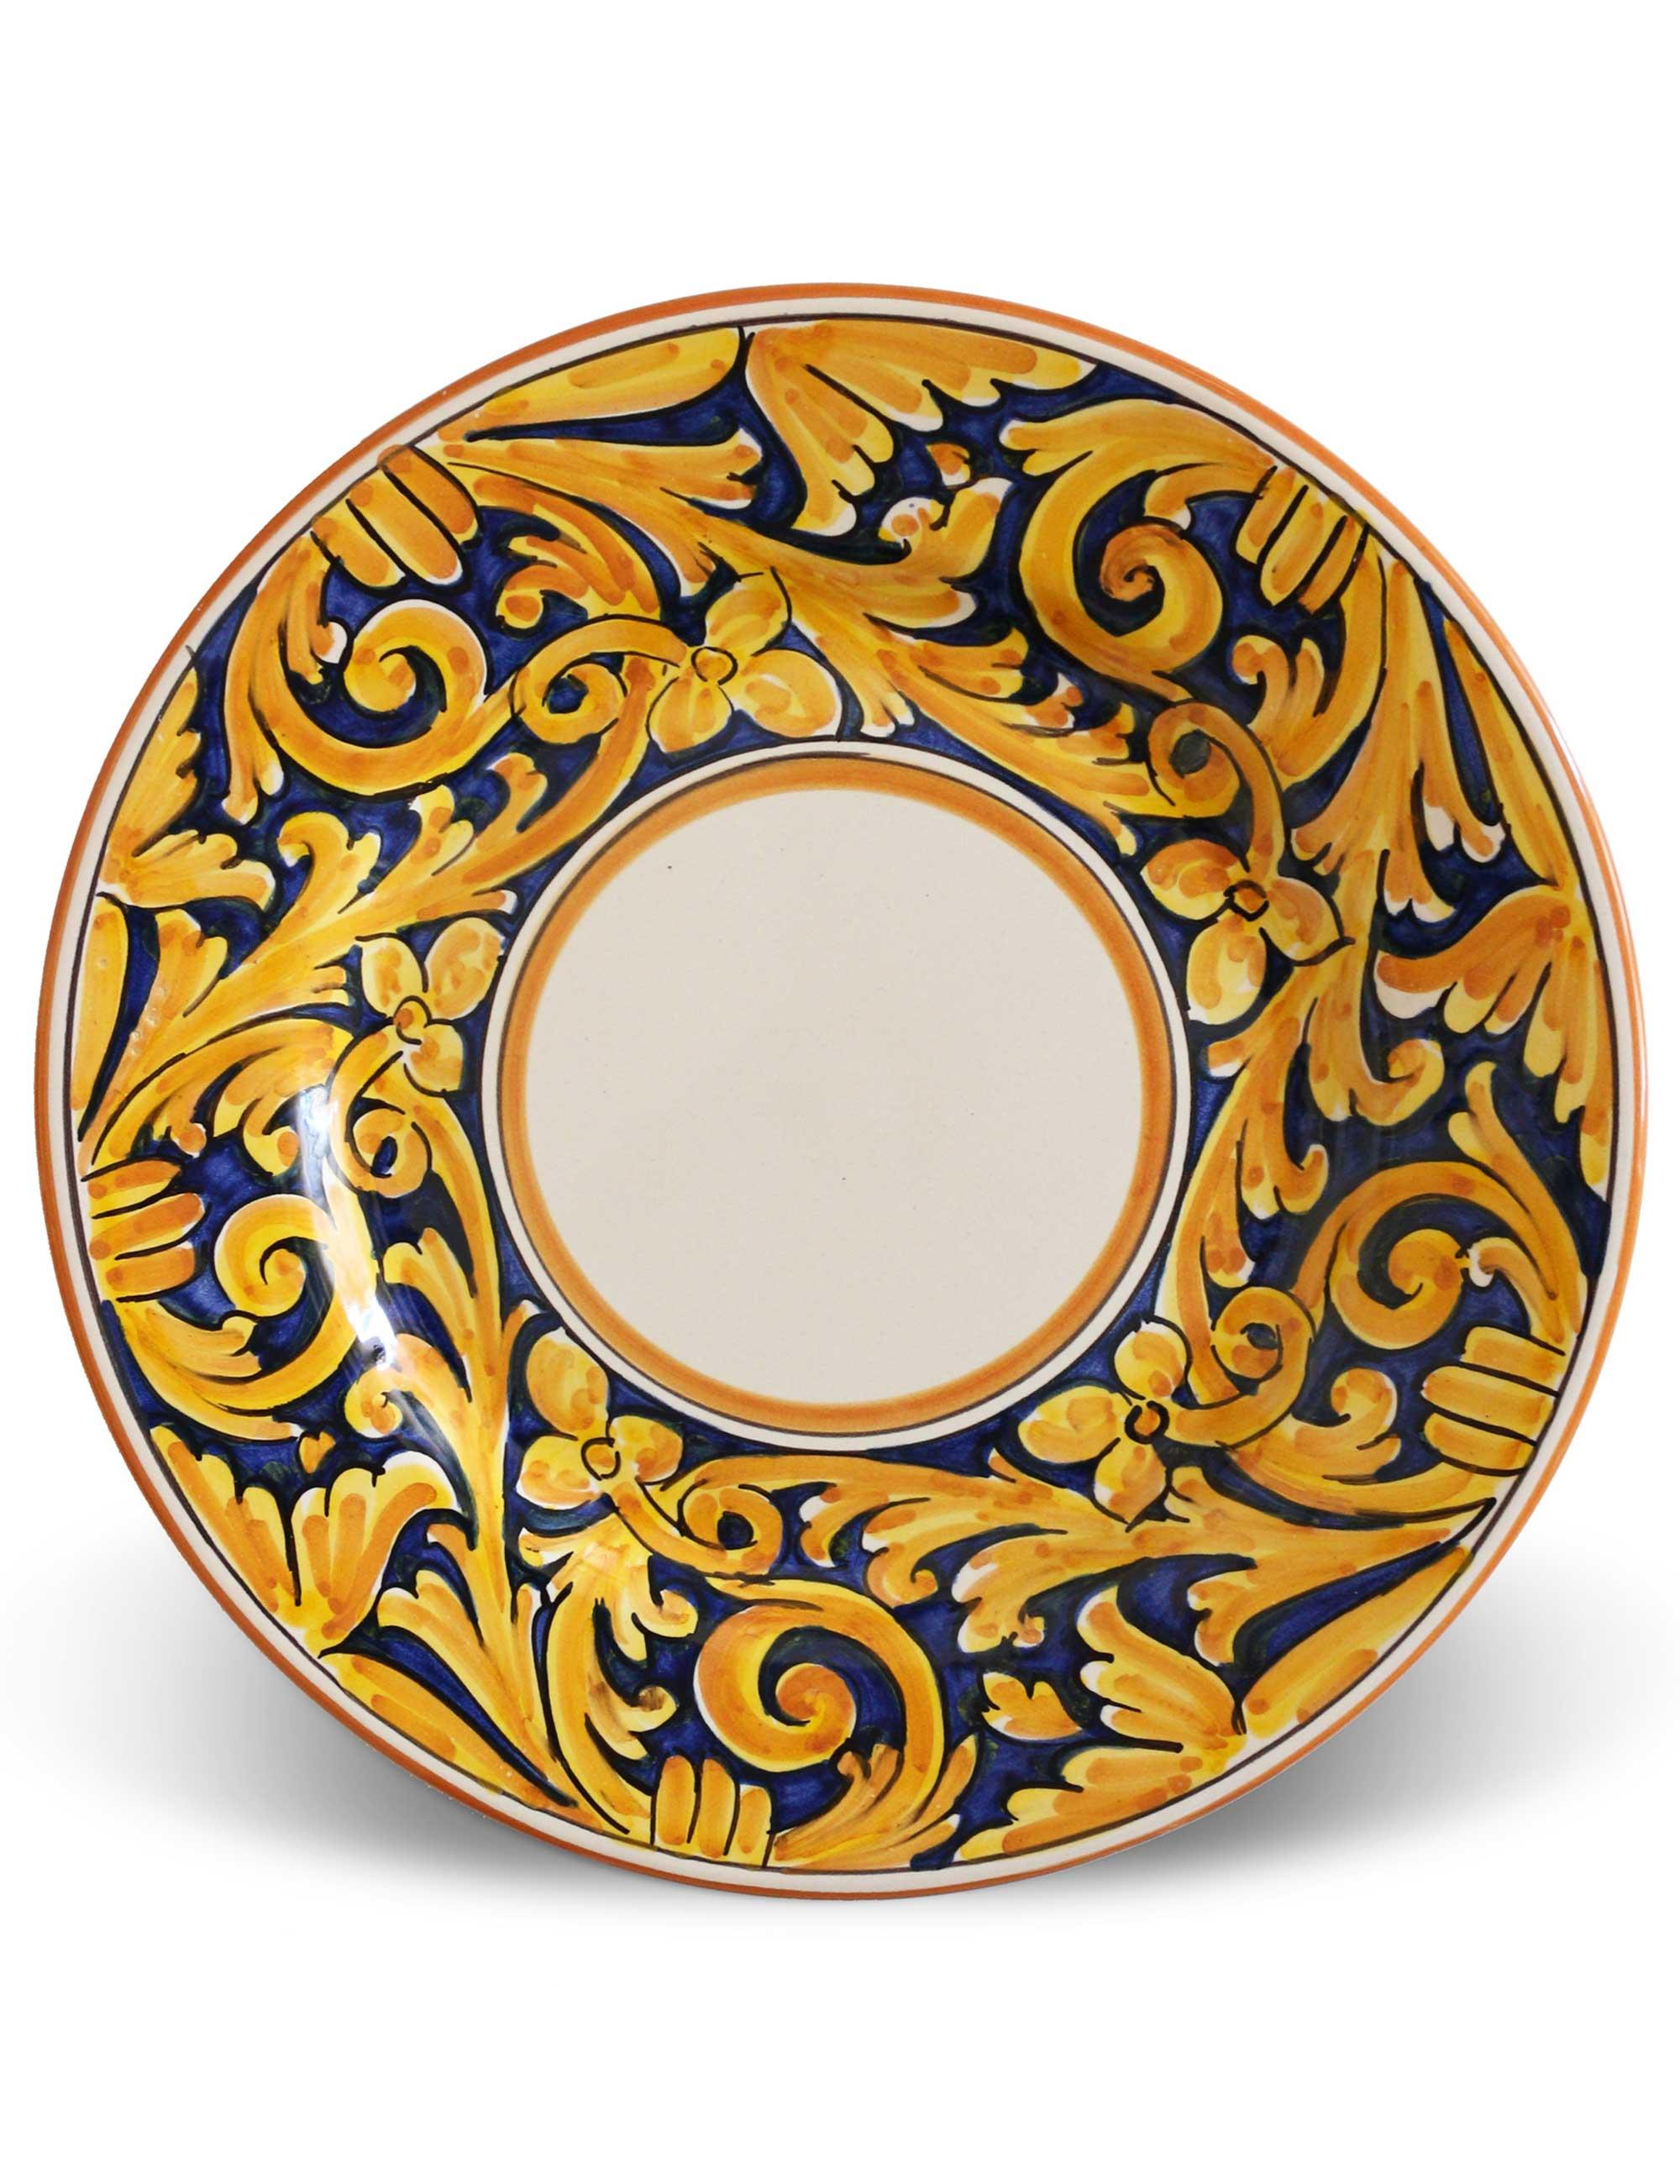 piatti siciliani decorati piani